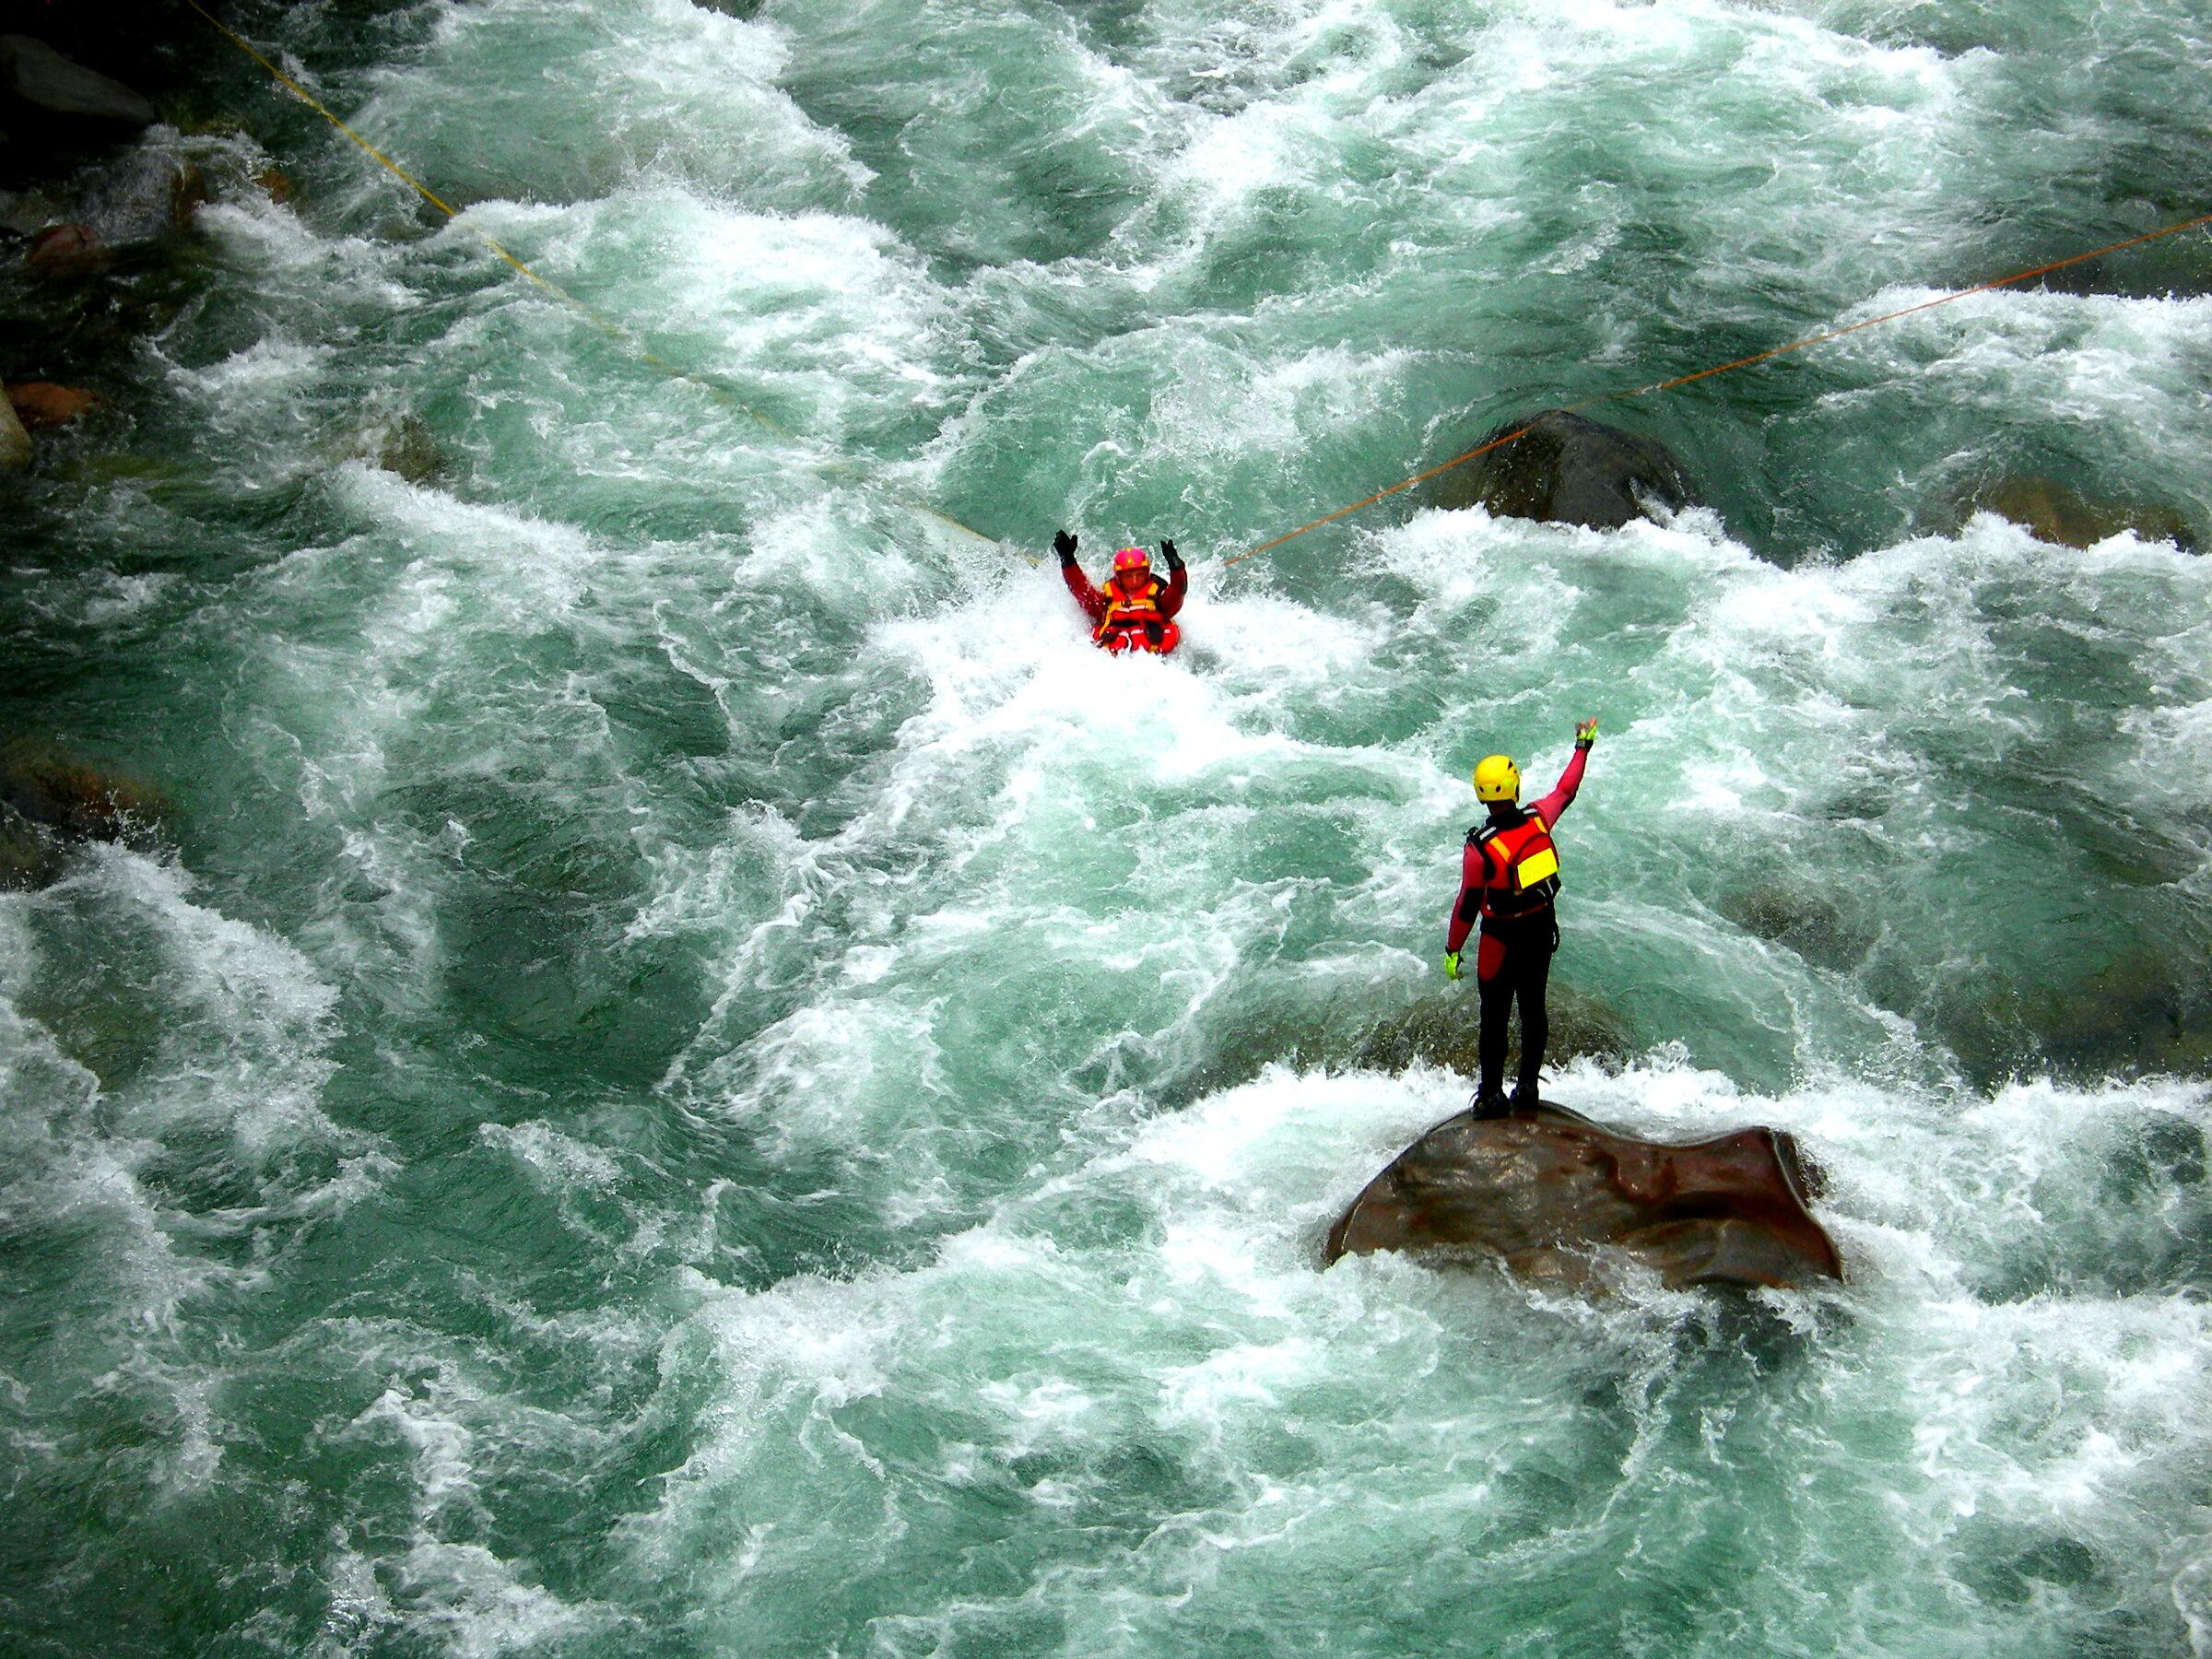 vvf. Addestramento soccorso acquatico fluviale...